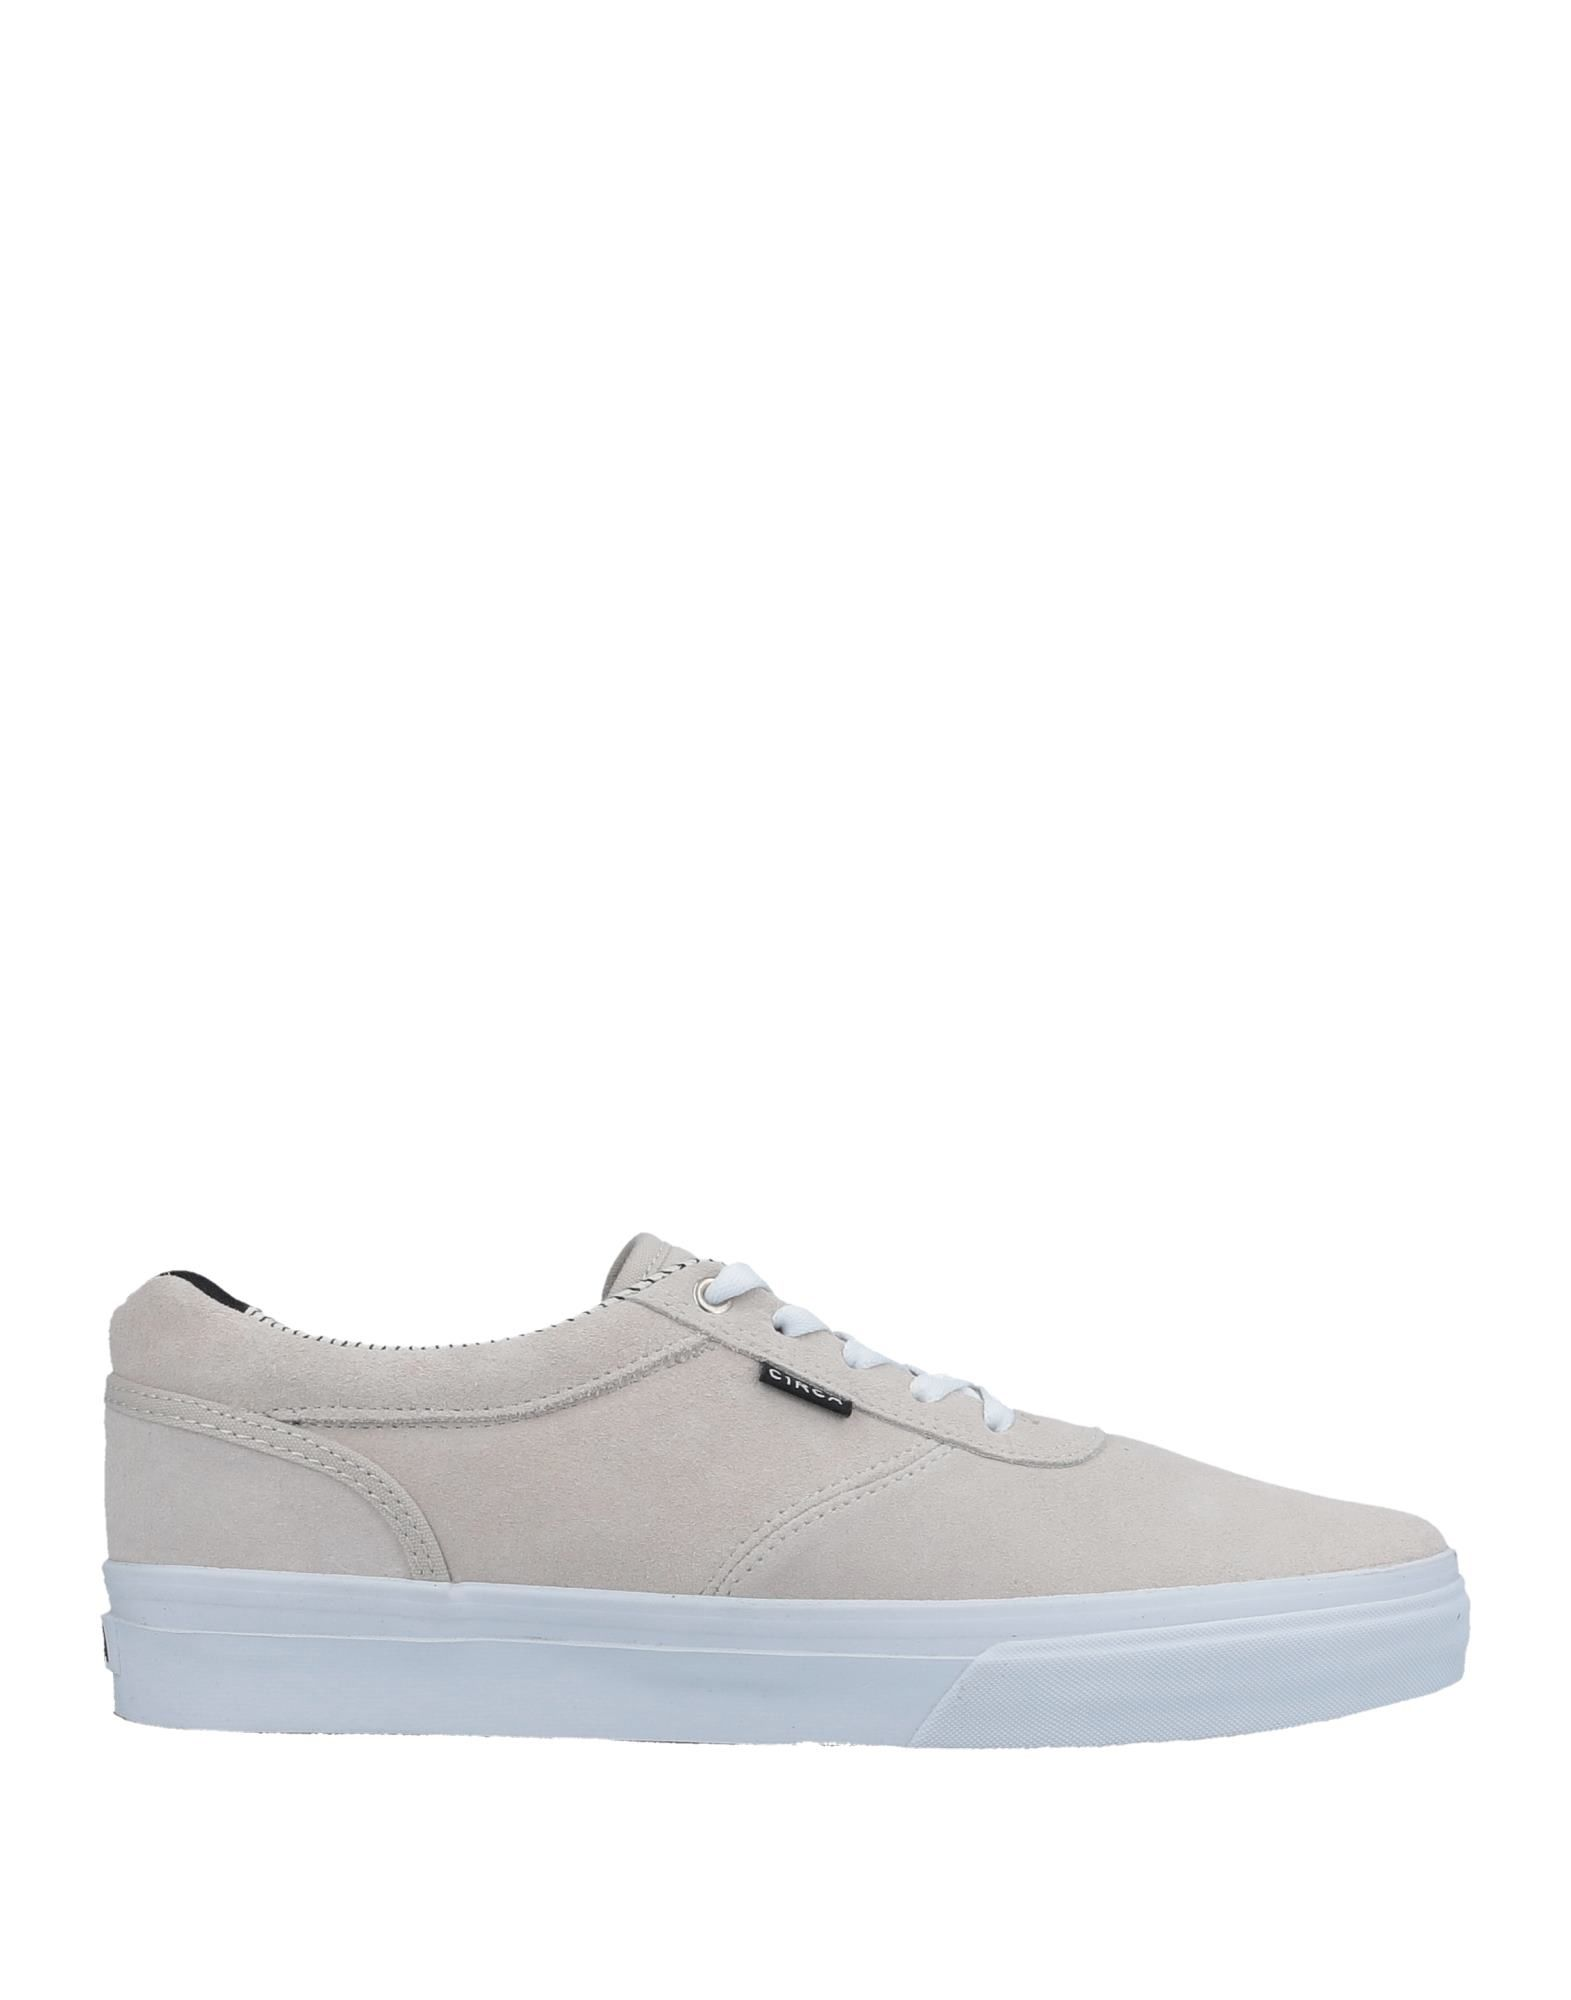 Sneakers C1rca Uomo - 11506555OF Scarpe economiche e buone